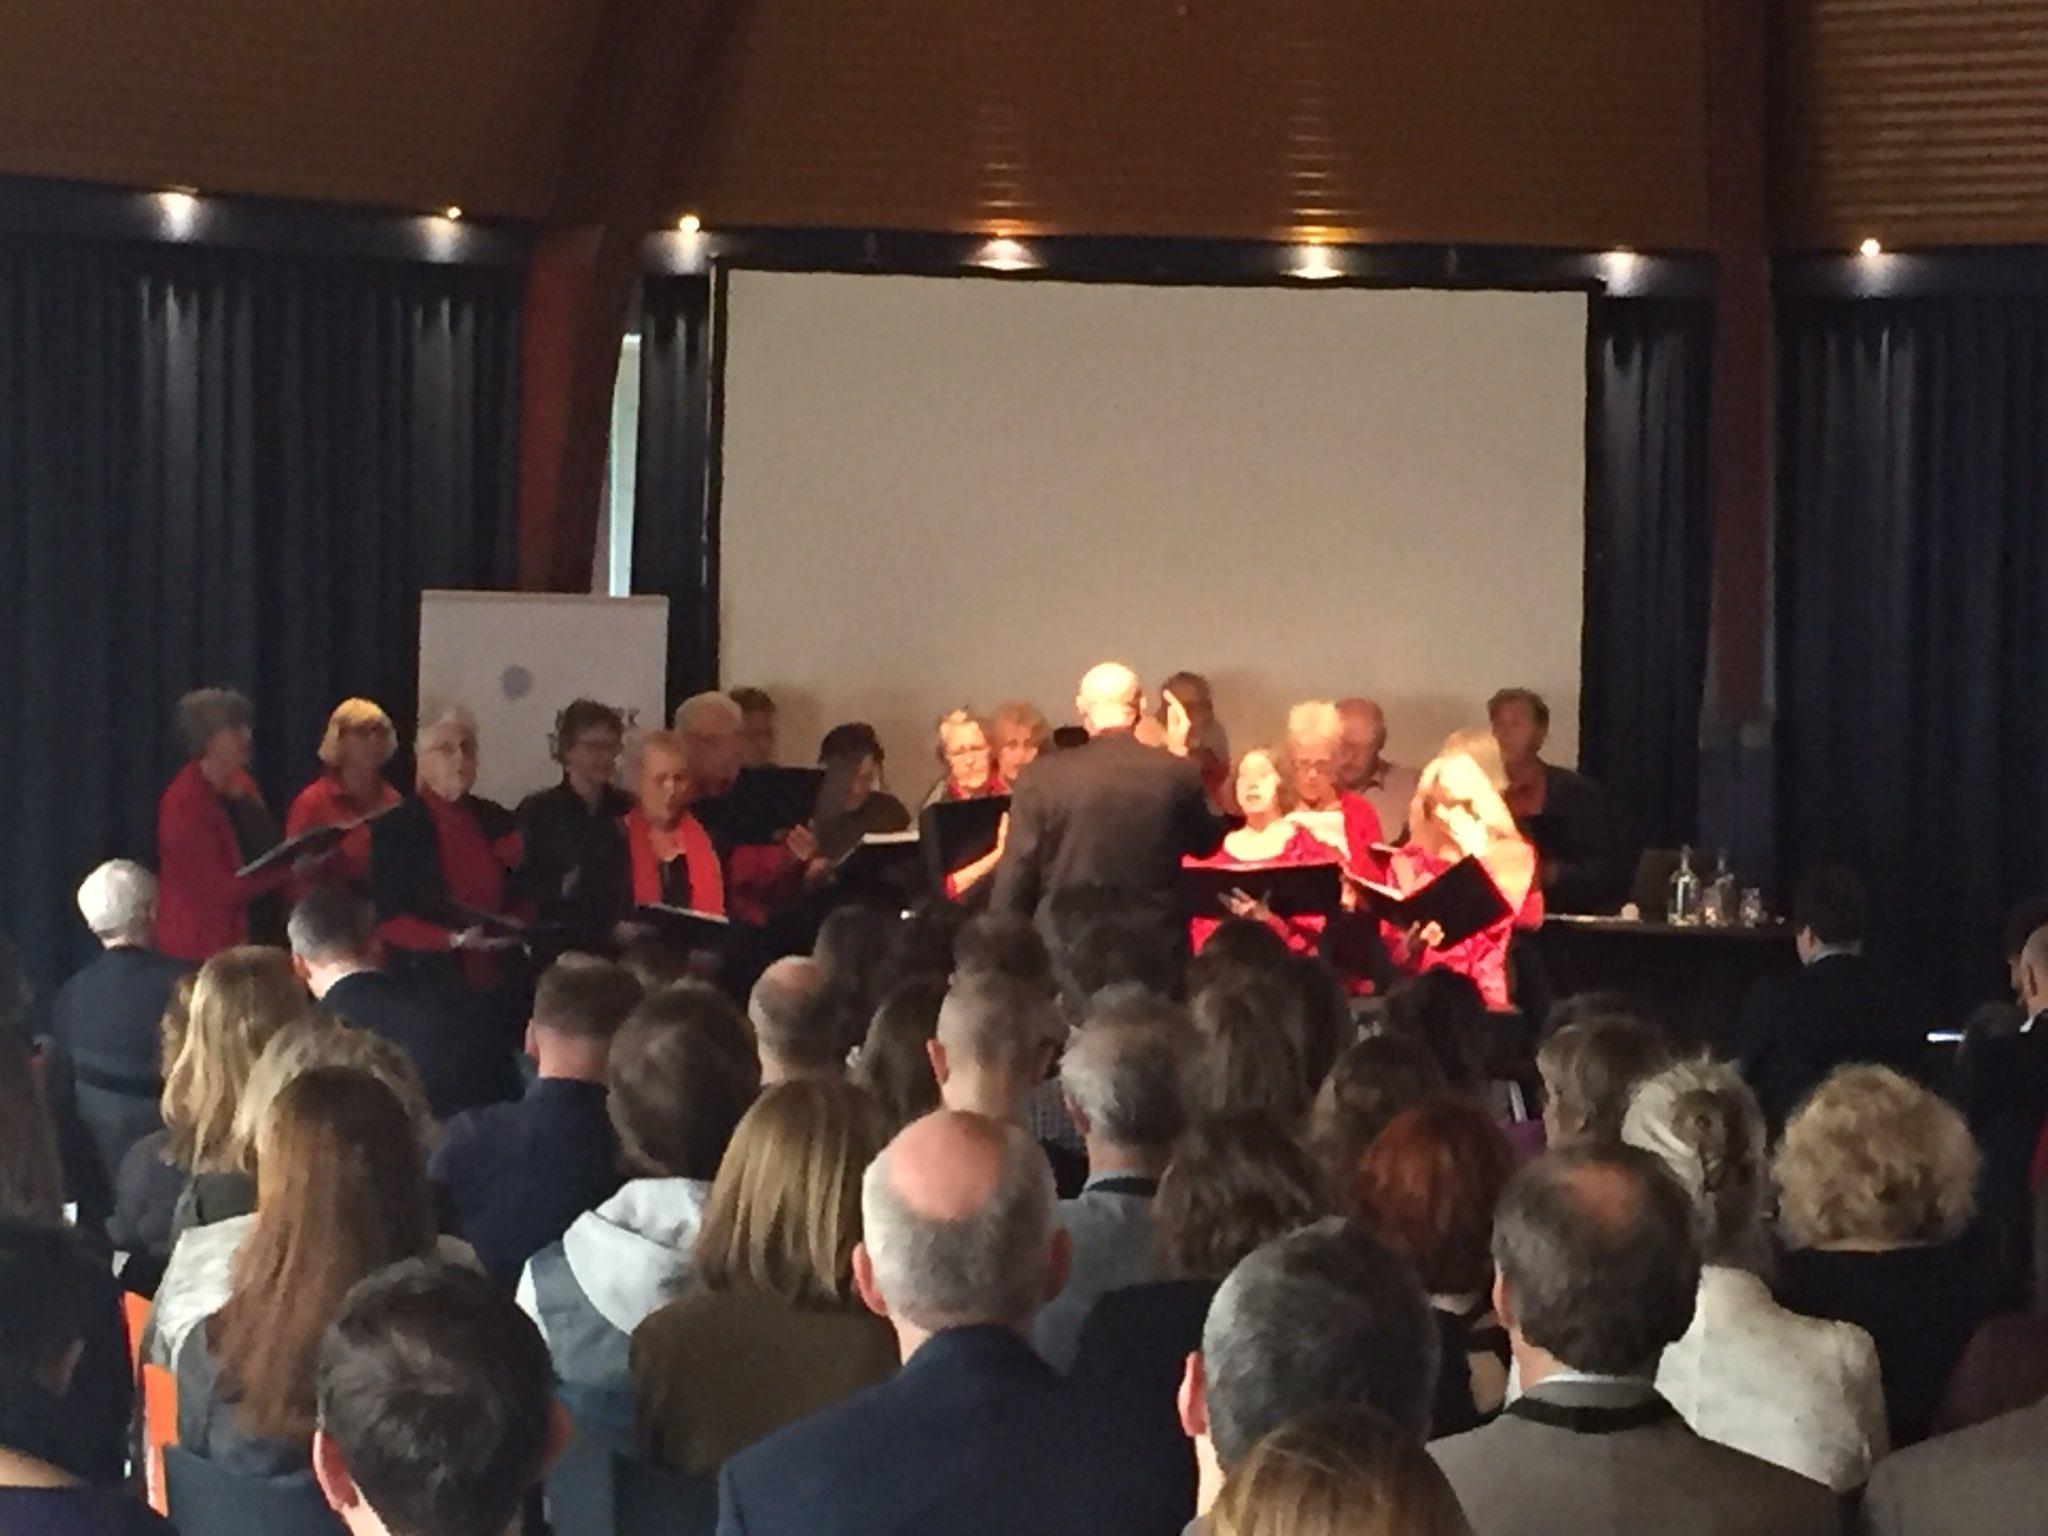 #optreden van de #volksstem uit #groningen - zelden was een bijdrage aan een #symposium zo #welluidend #17WDE - goede keus @StichtingDEN! https://t.co/5oBJutIliZ